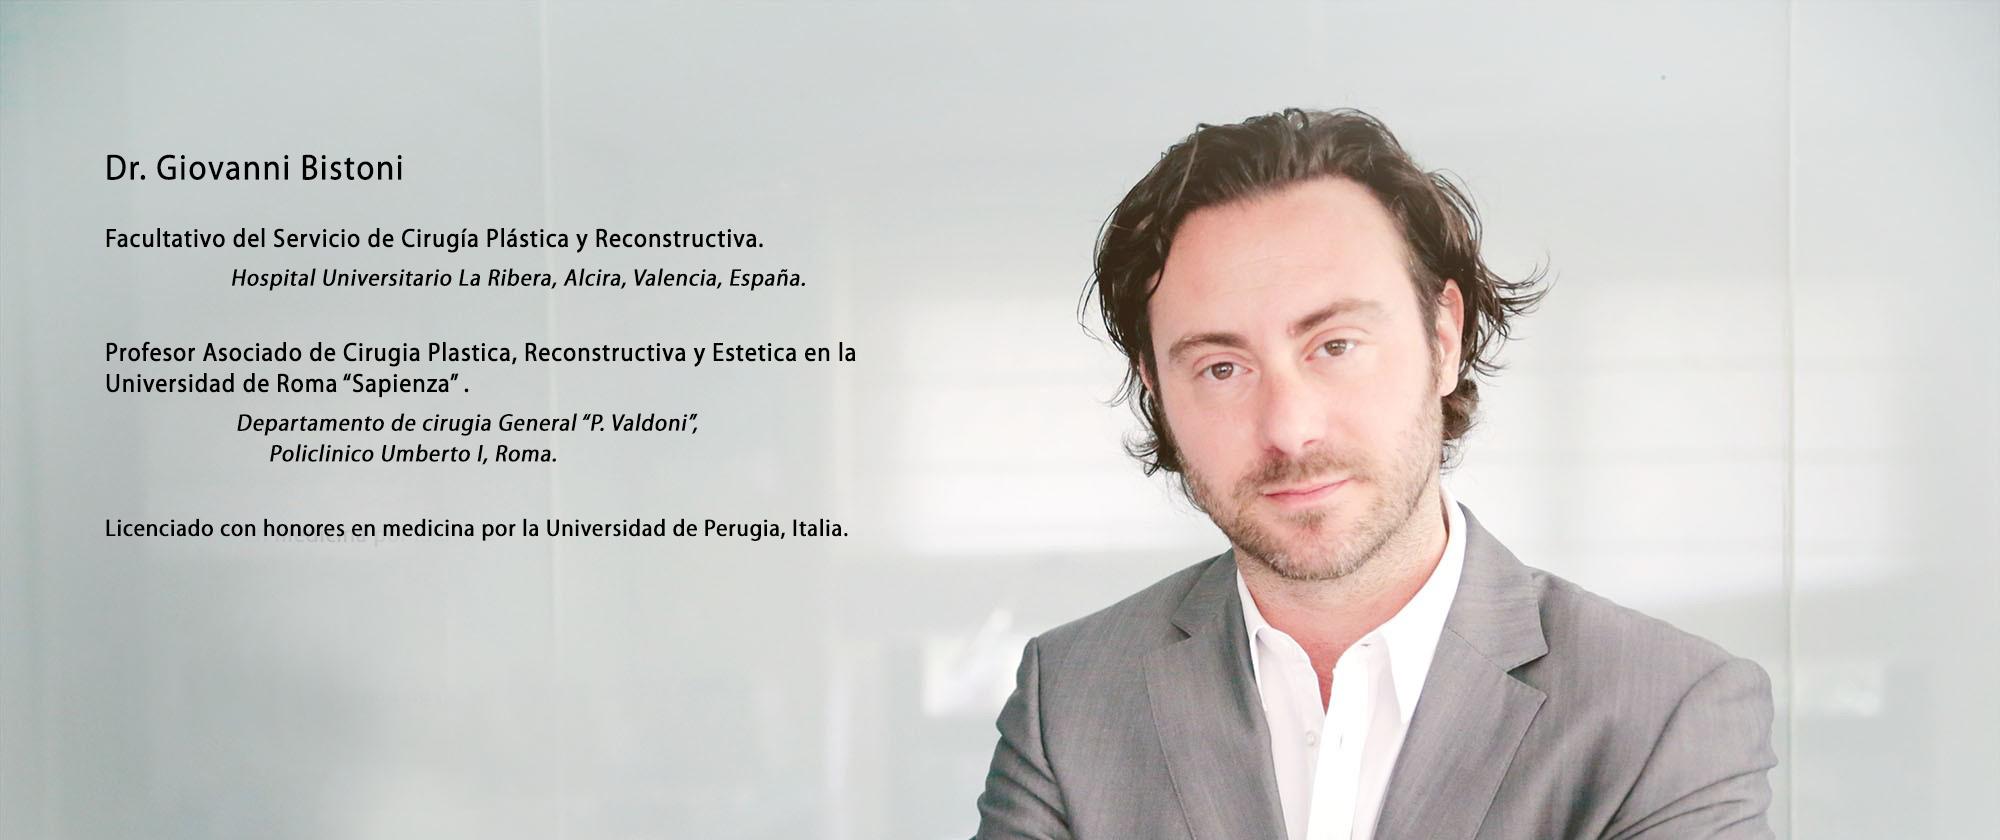 Dr. Giovanni Bistoni Cirujano plástico Valencia